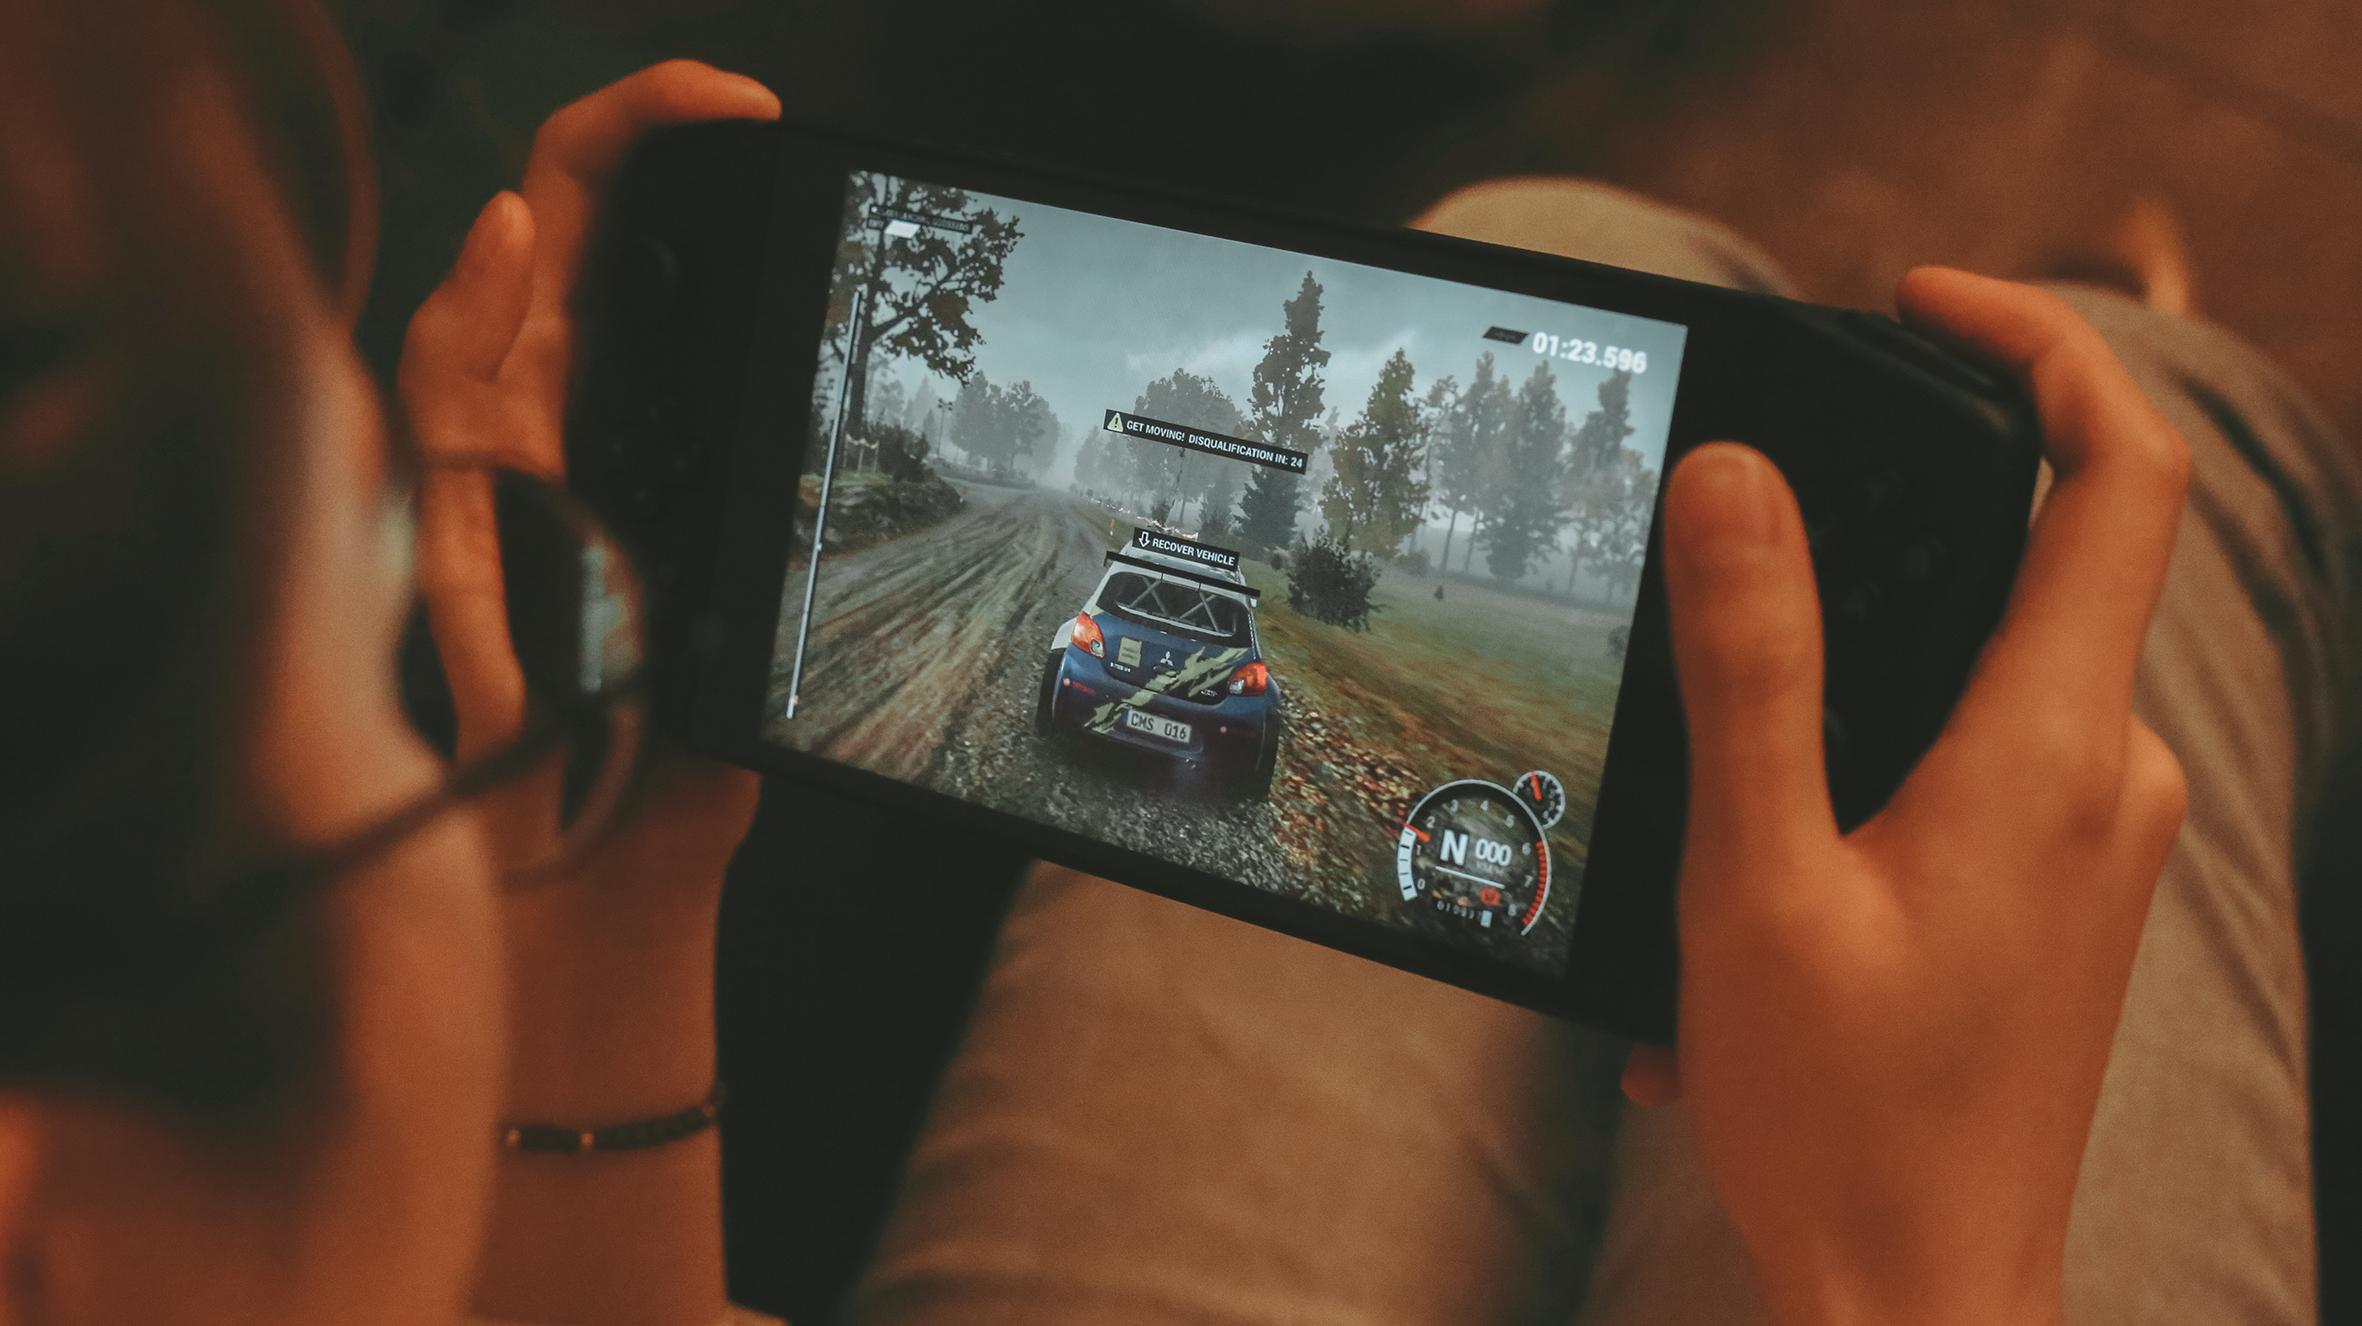 Win10掌机 带AMD的性能怪兽 AYA NEO游戏掌机测评体验分享